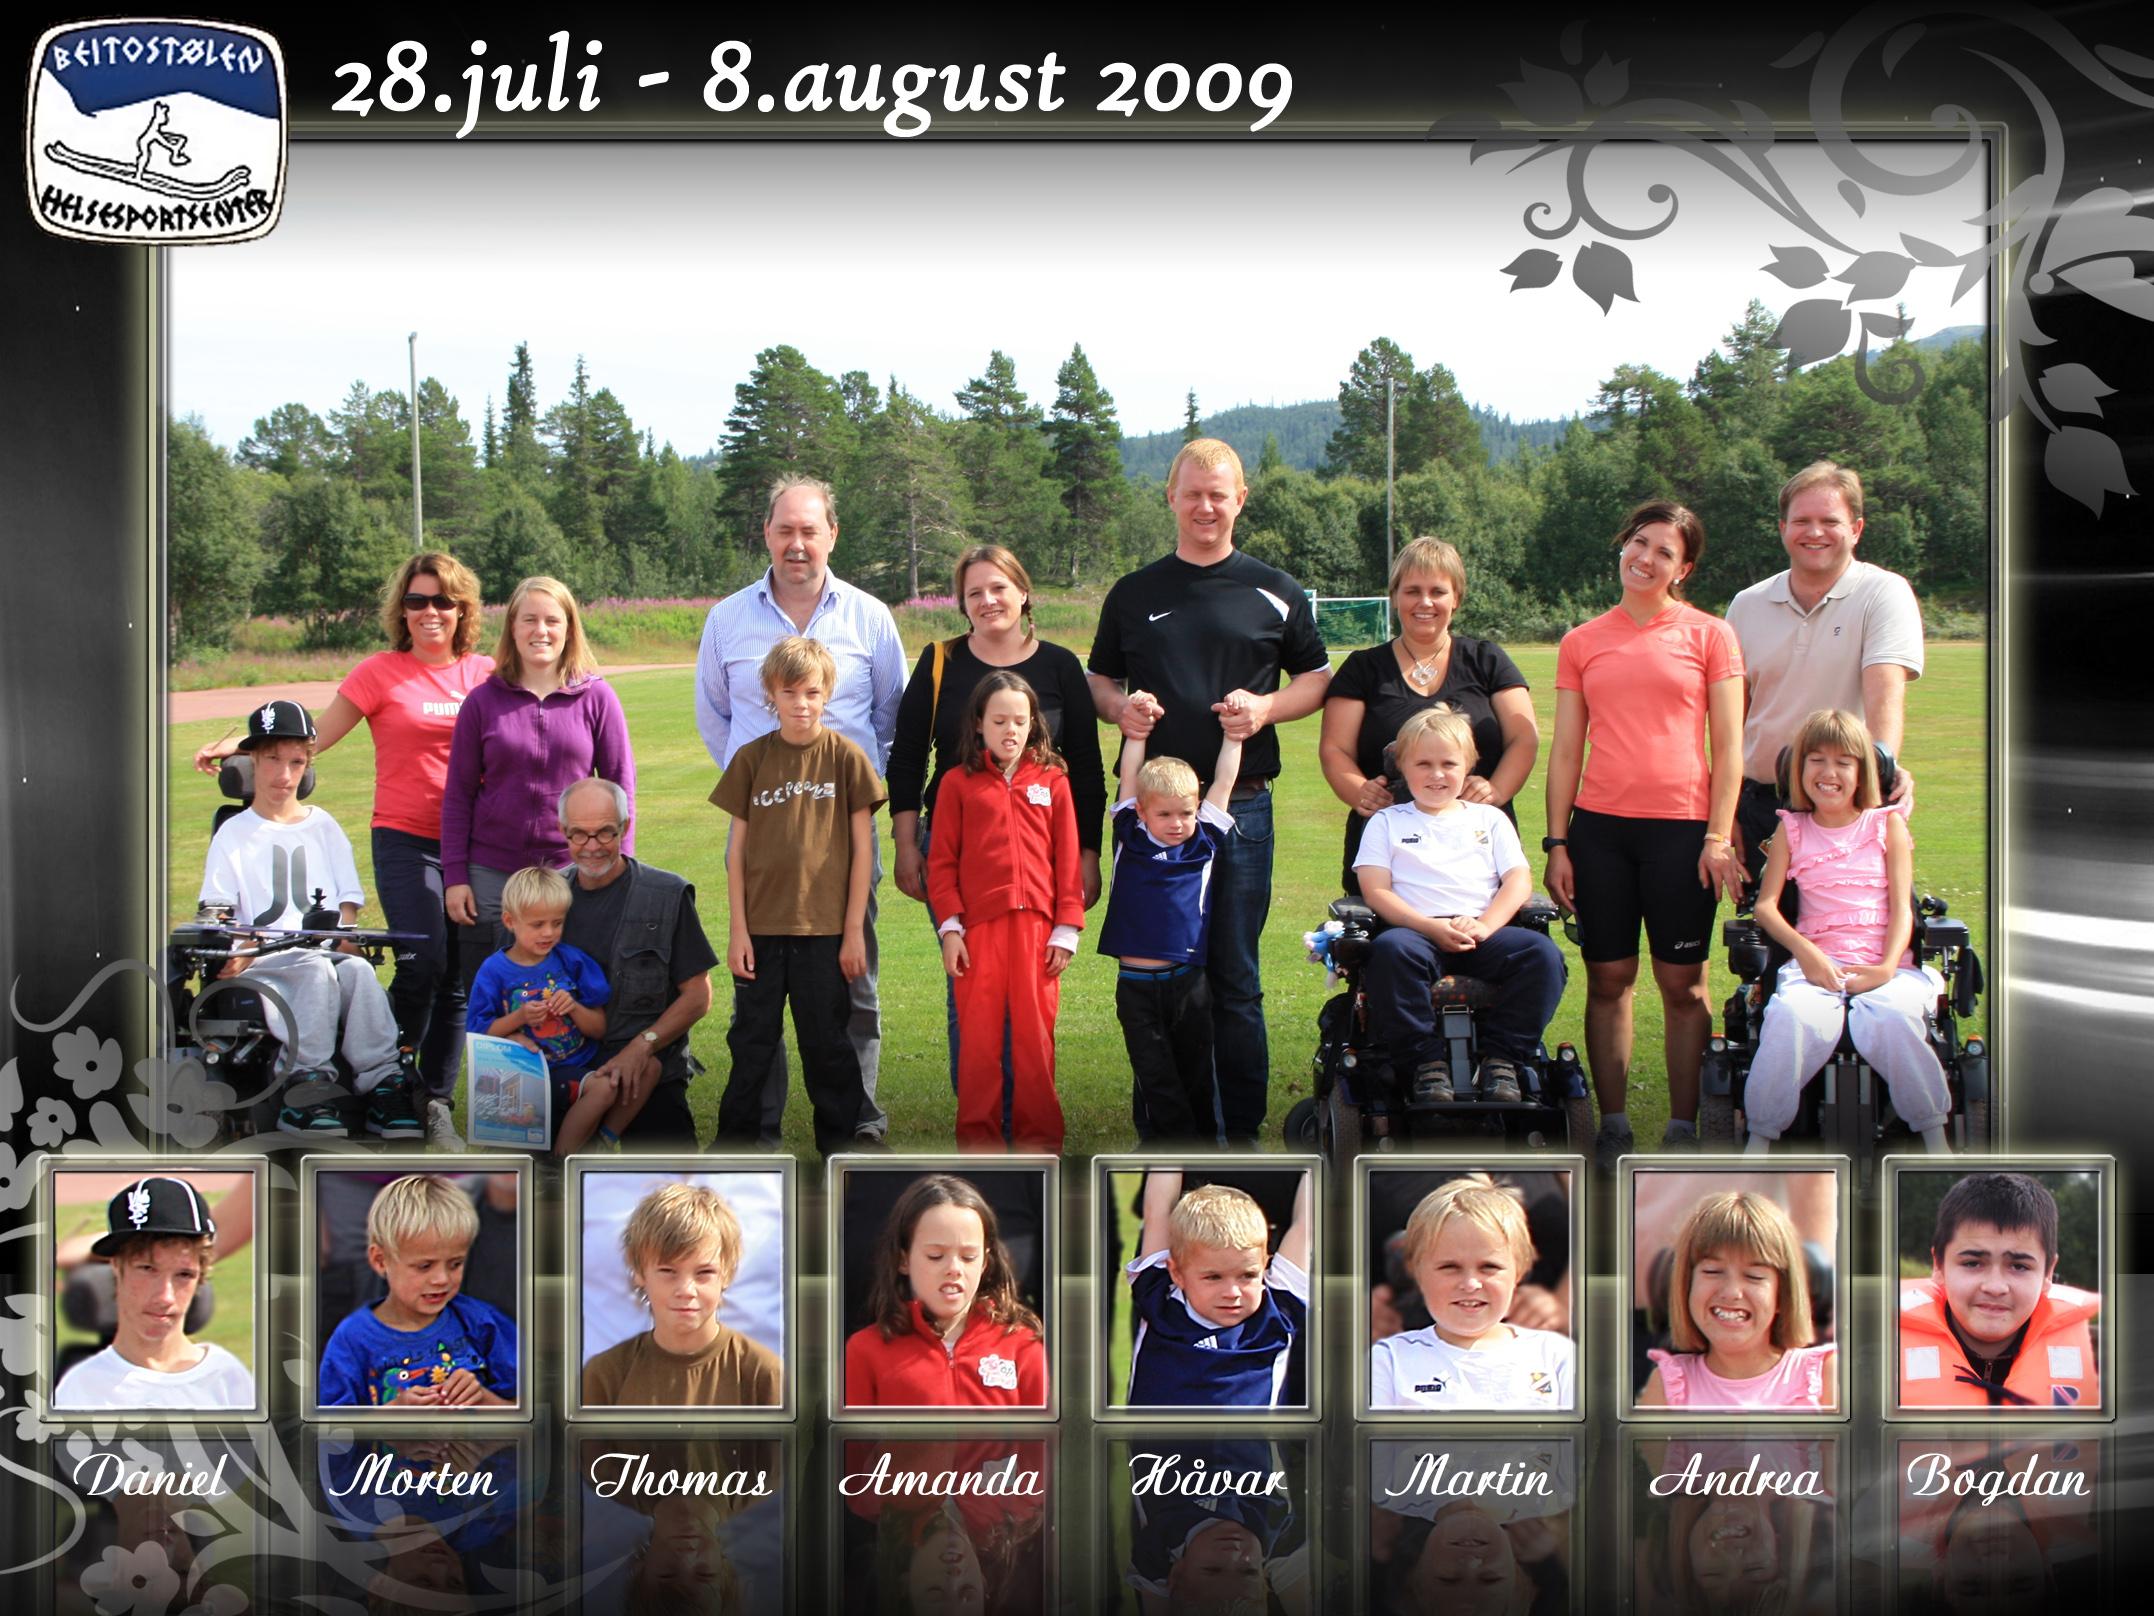 Vellykket opphold på Beitostølen Helsesportsenter 28/7 – 8/8 -09